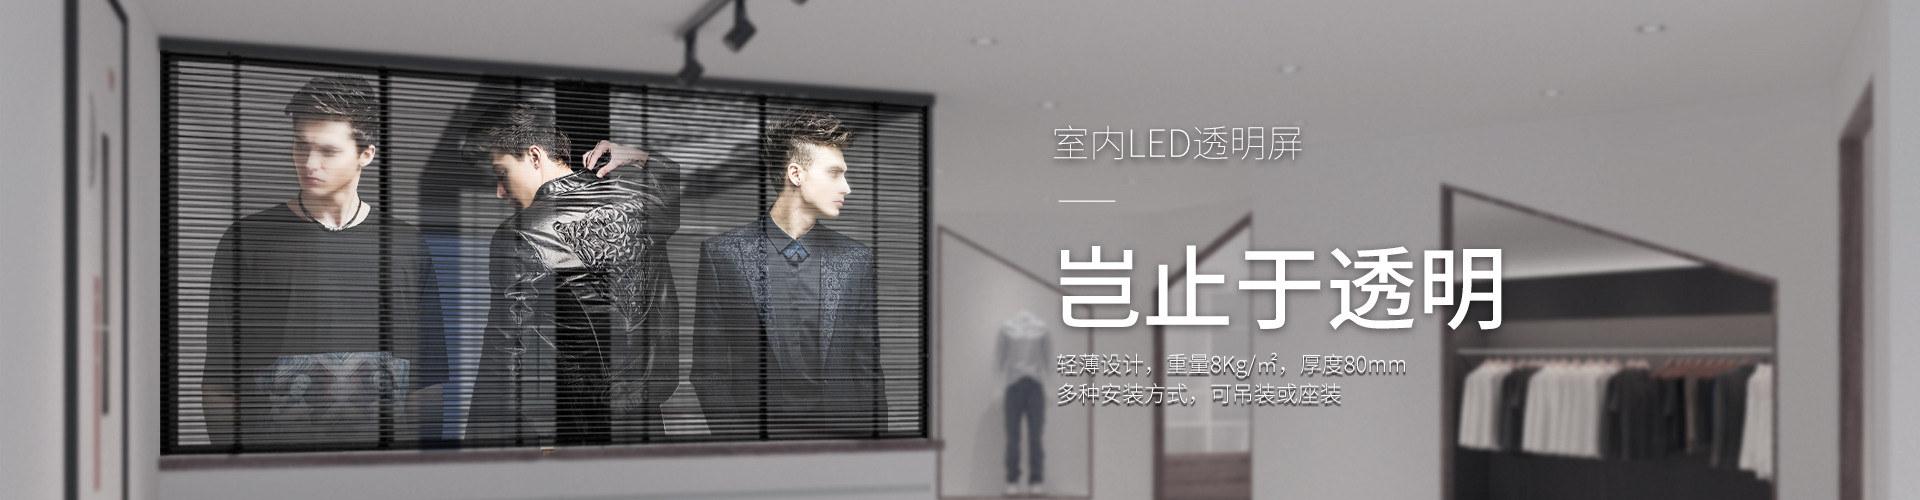 室内透明屏